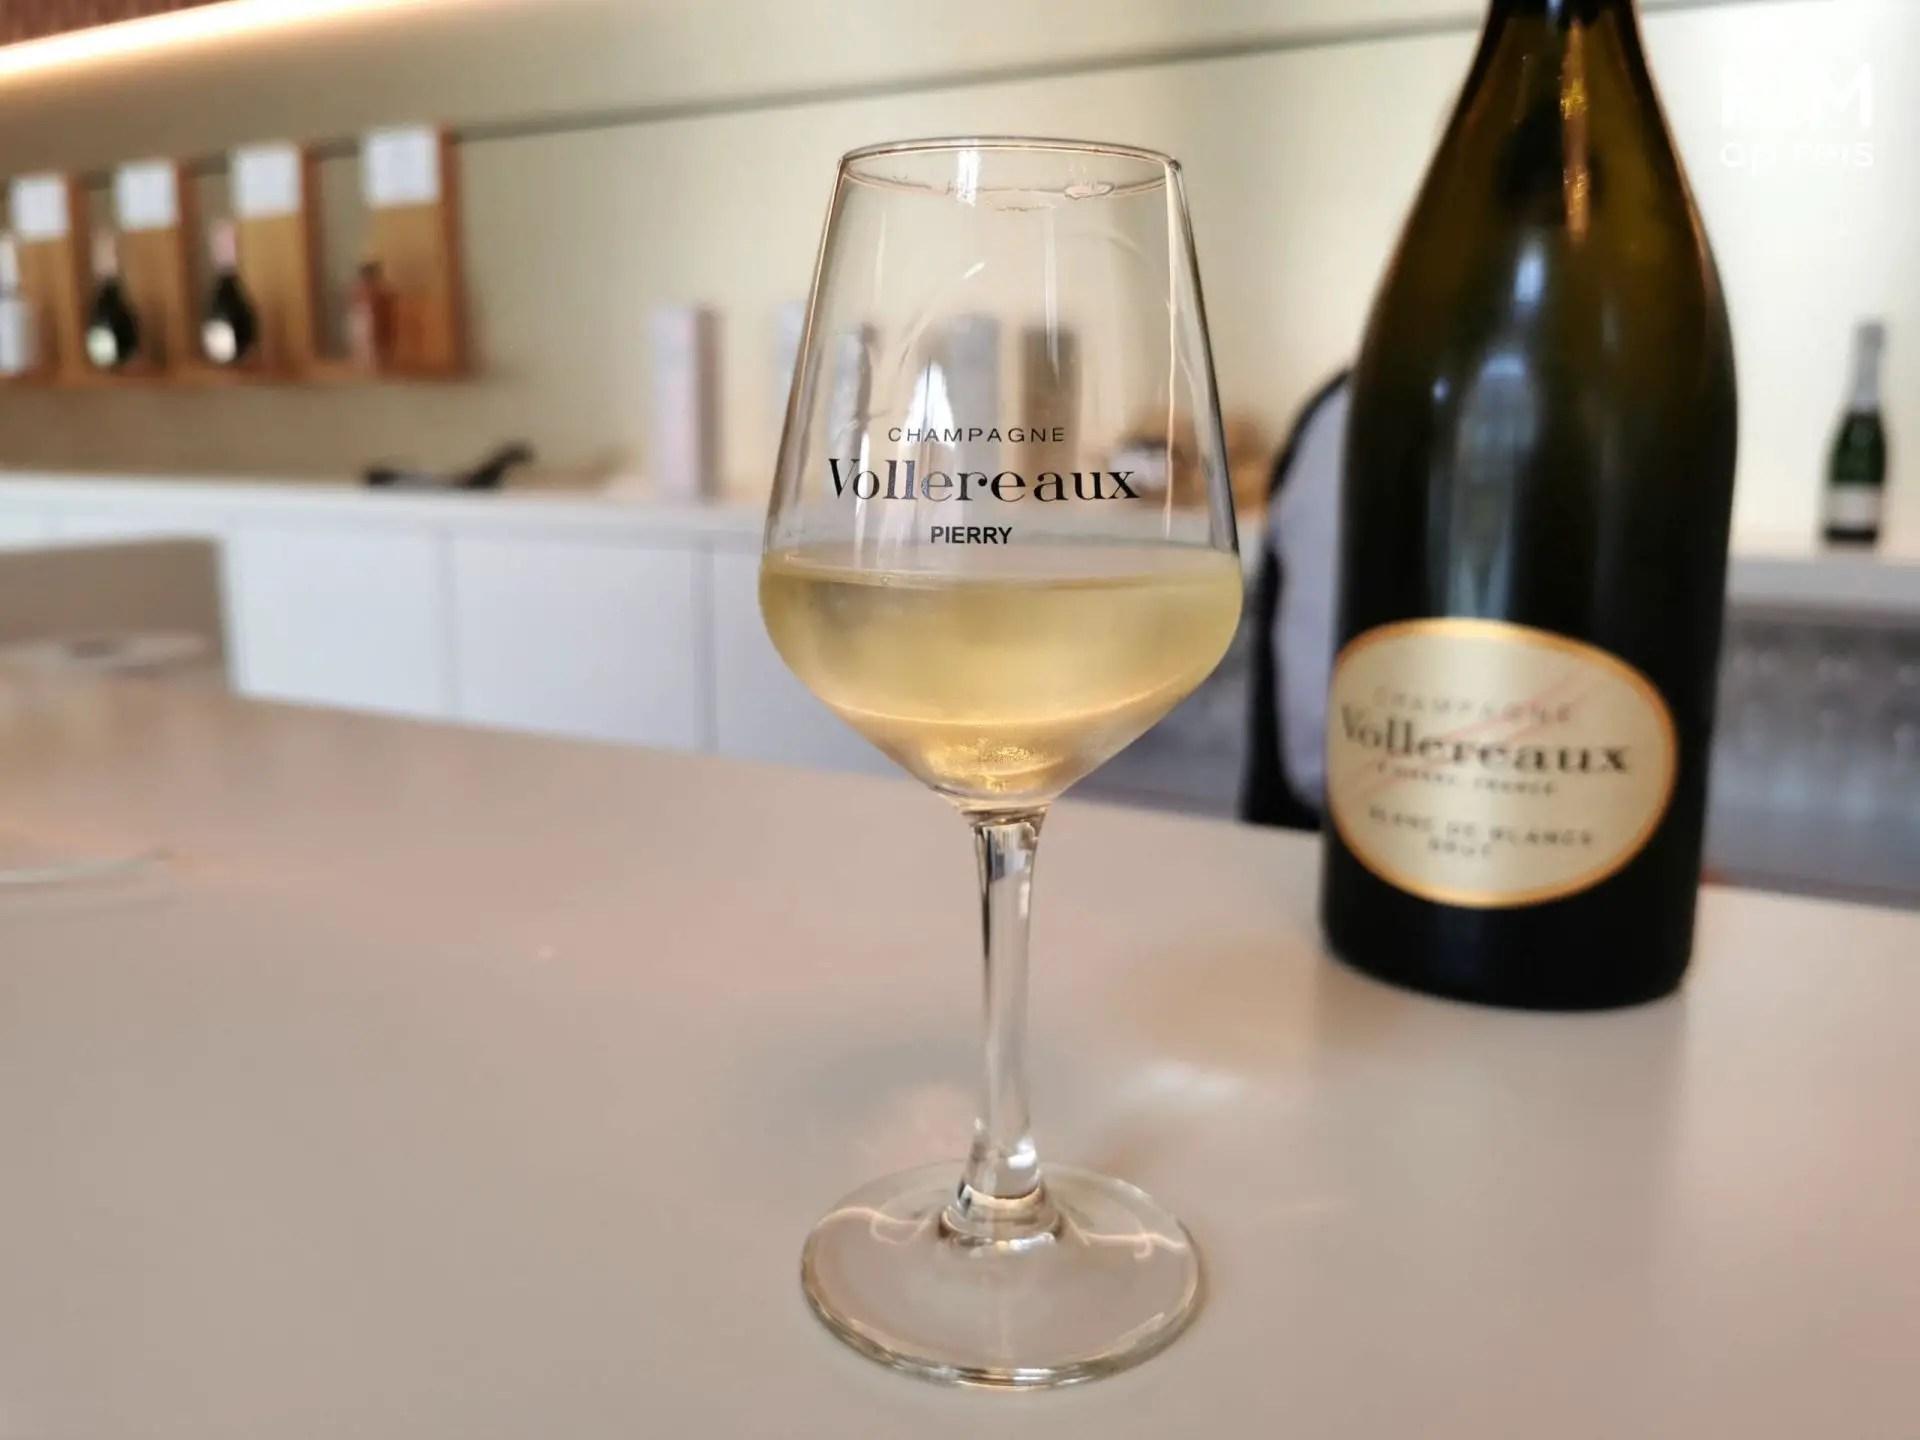 Vollereaux champagne proeven: glas champagne met op de achtergrond de fles